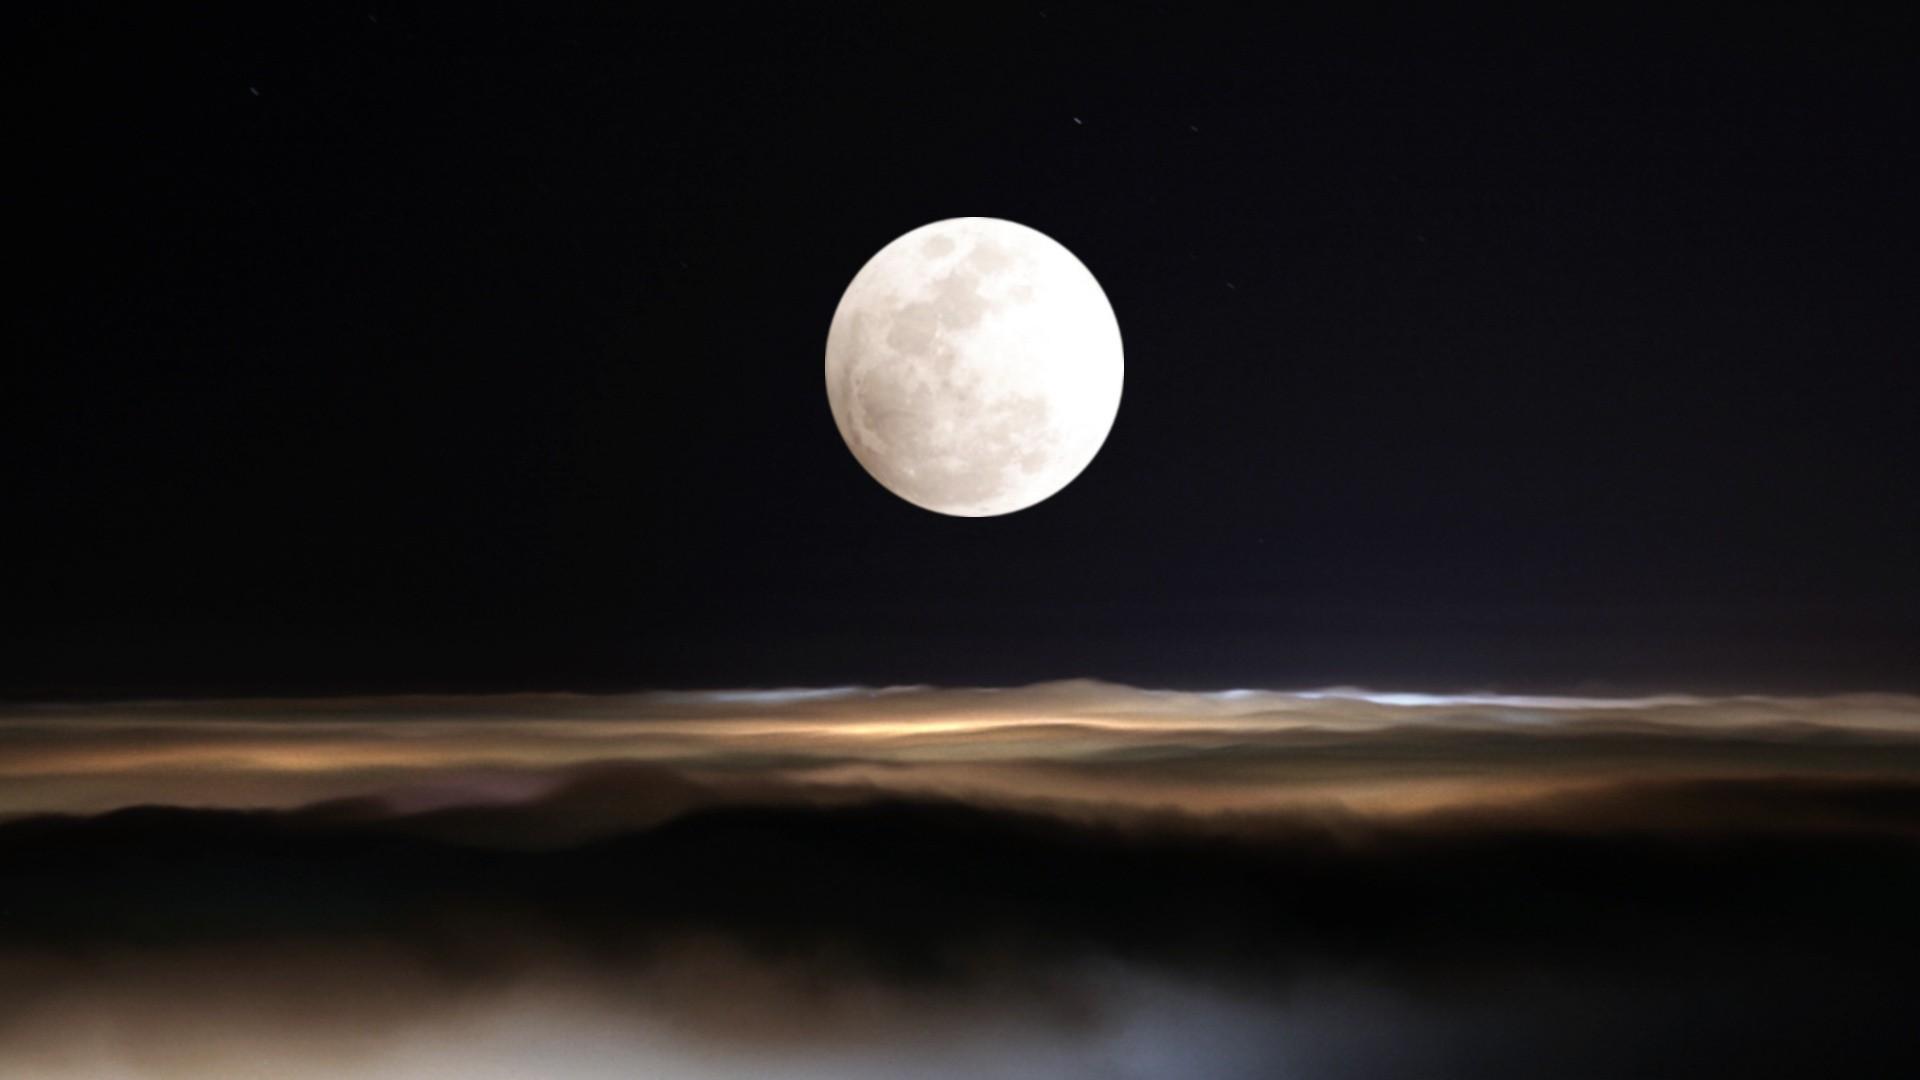 фото для рабочего стола луна цвета определяют, исходя